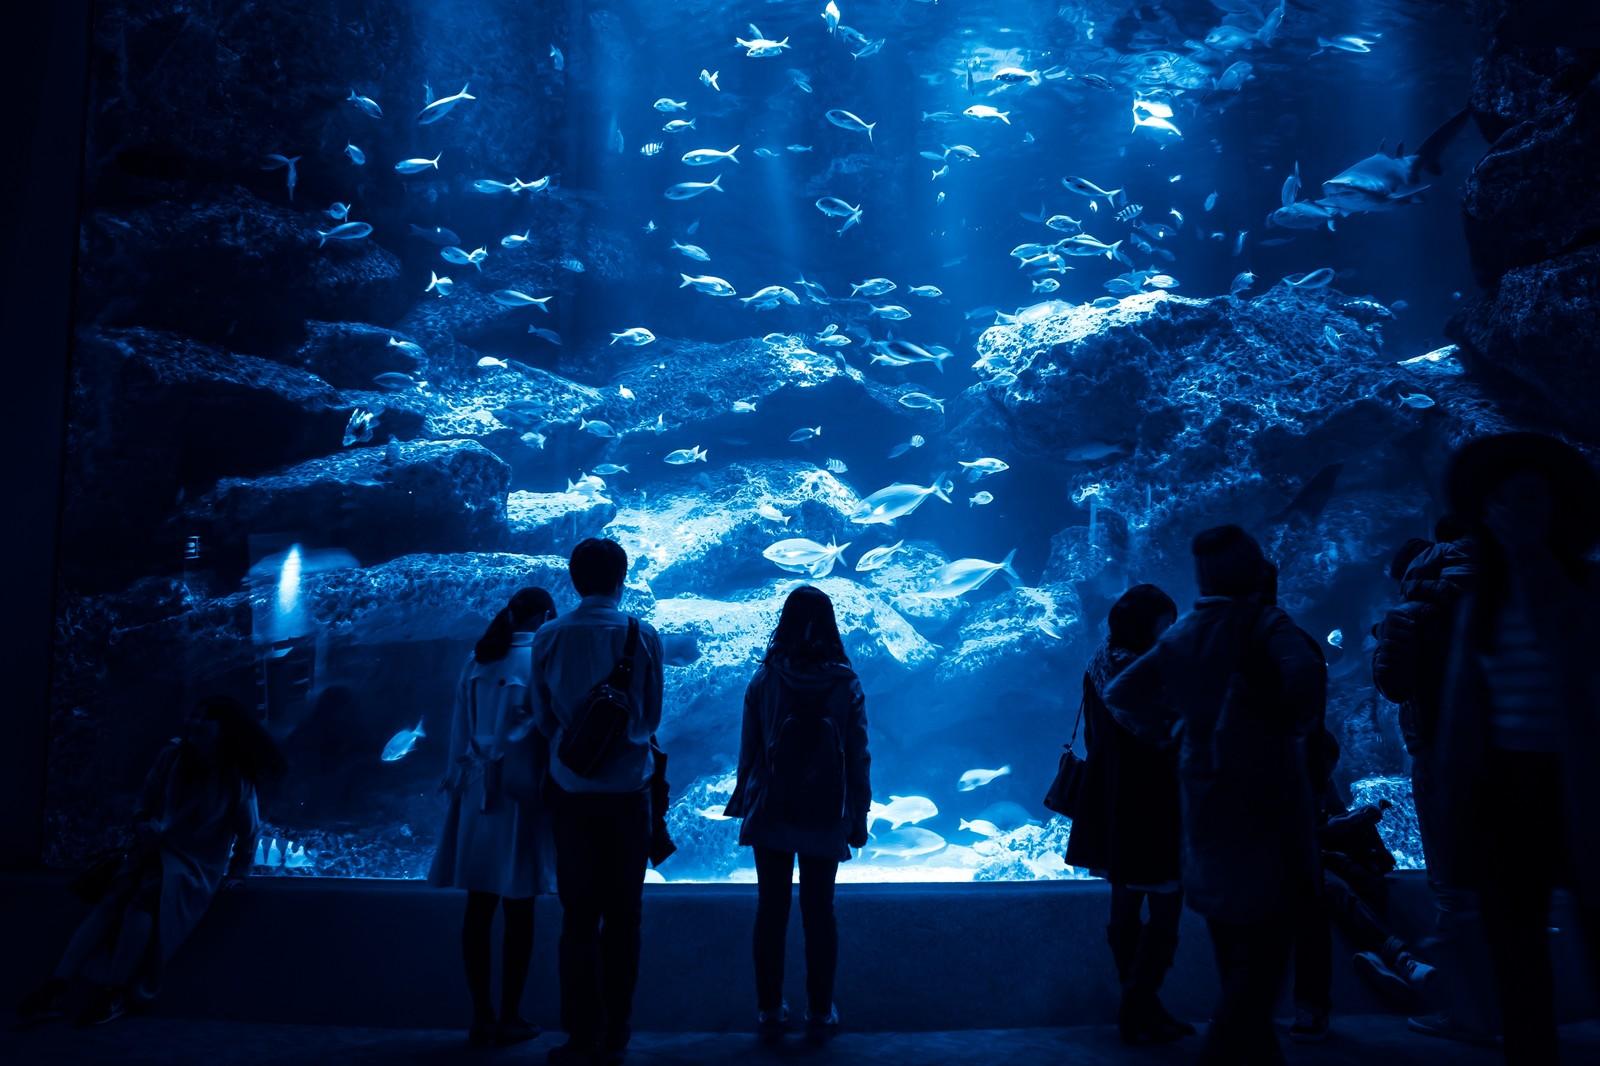 サケのふるさと千歳水族館は淡水魚展示で有名!入場料・時間や見どころまとめ!